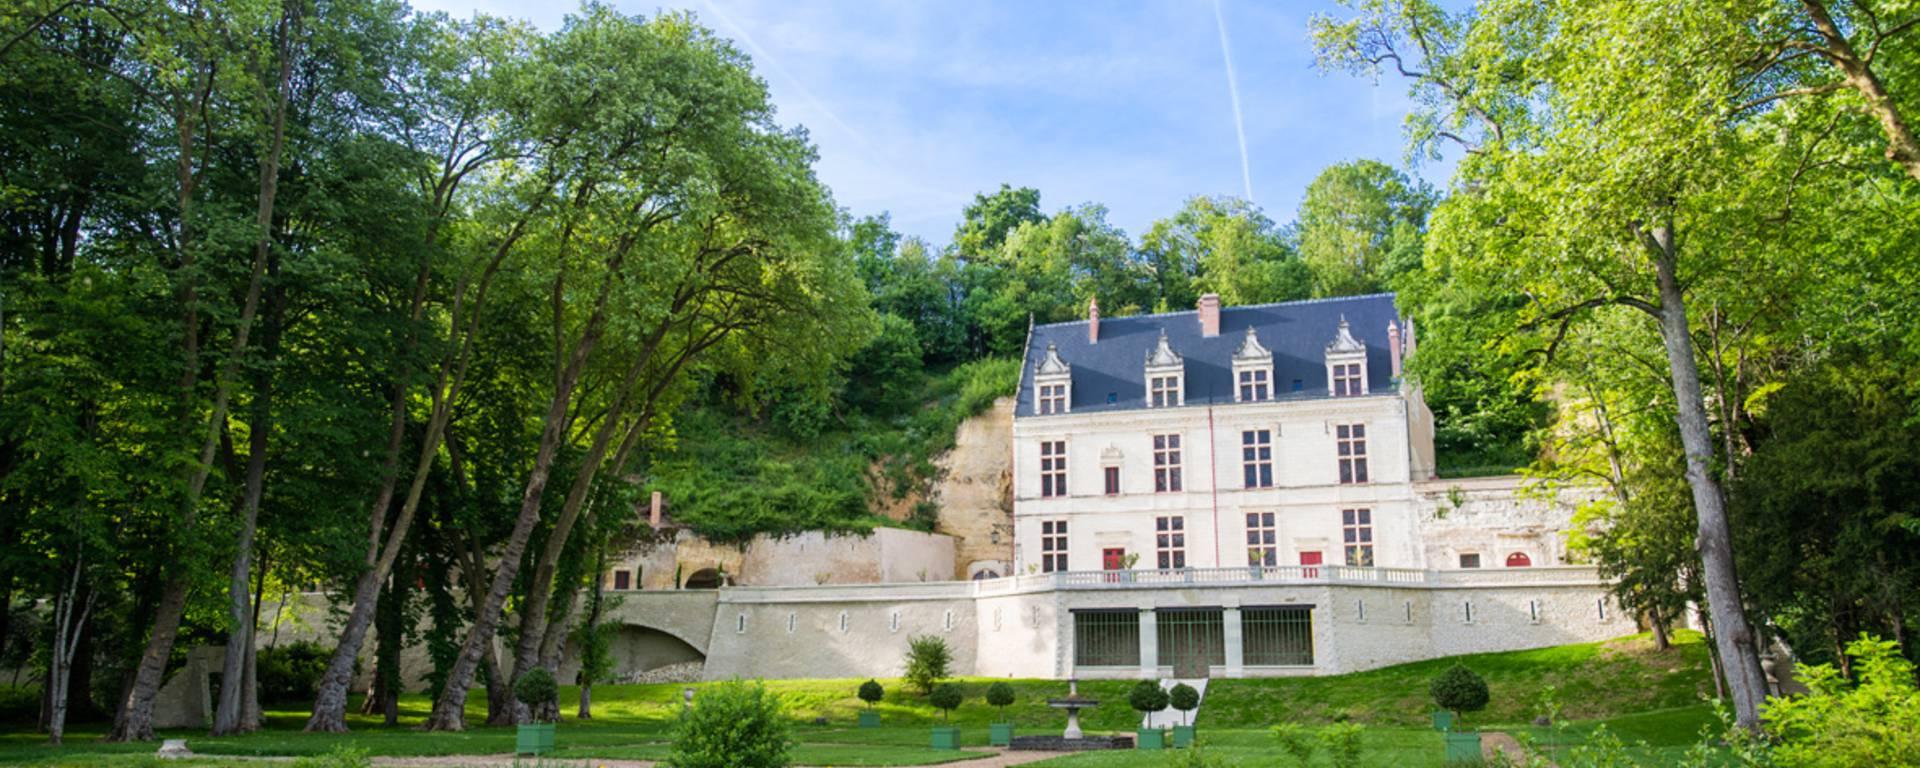 Außenansicht von Château Gaillard  © OTBC